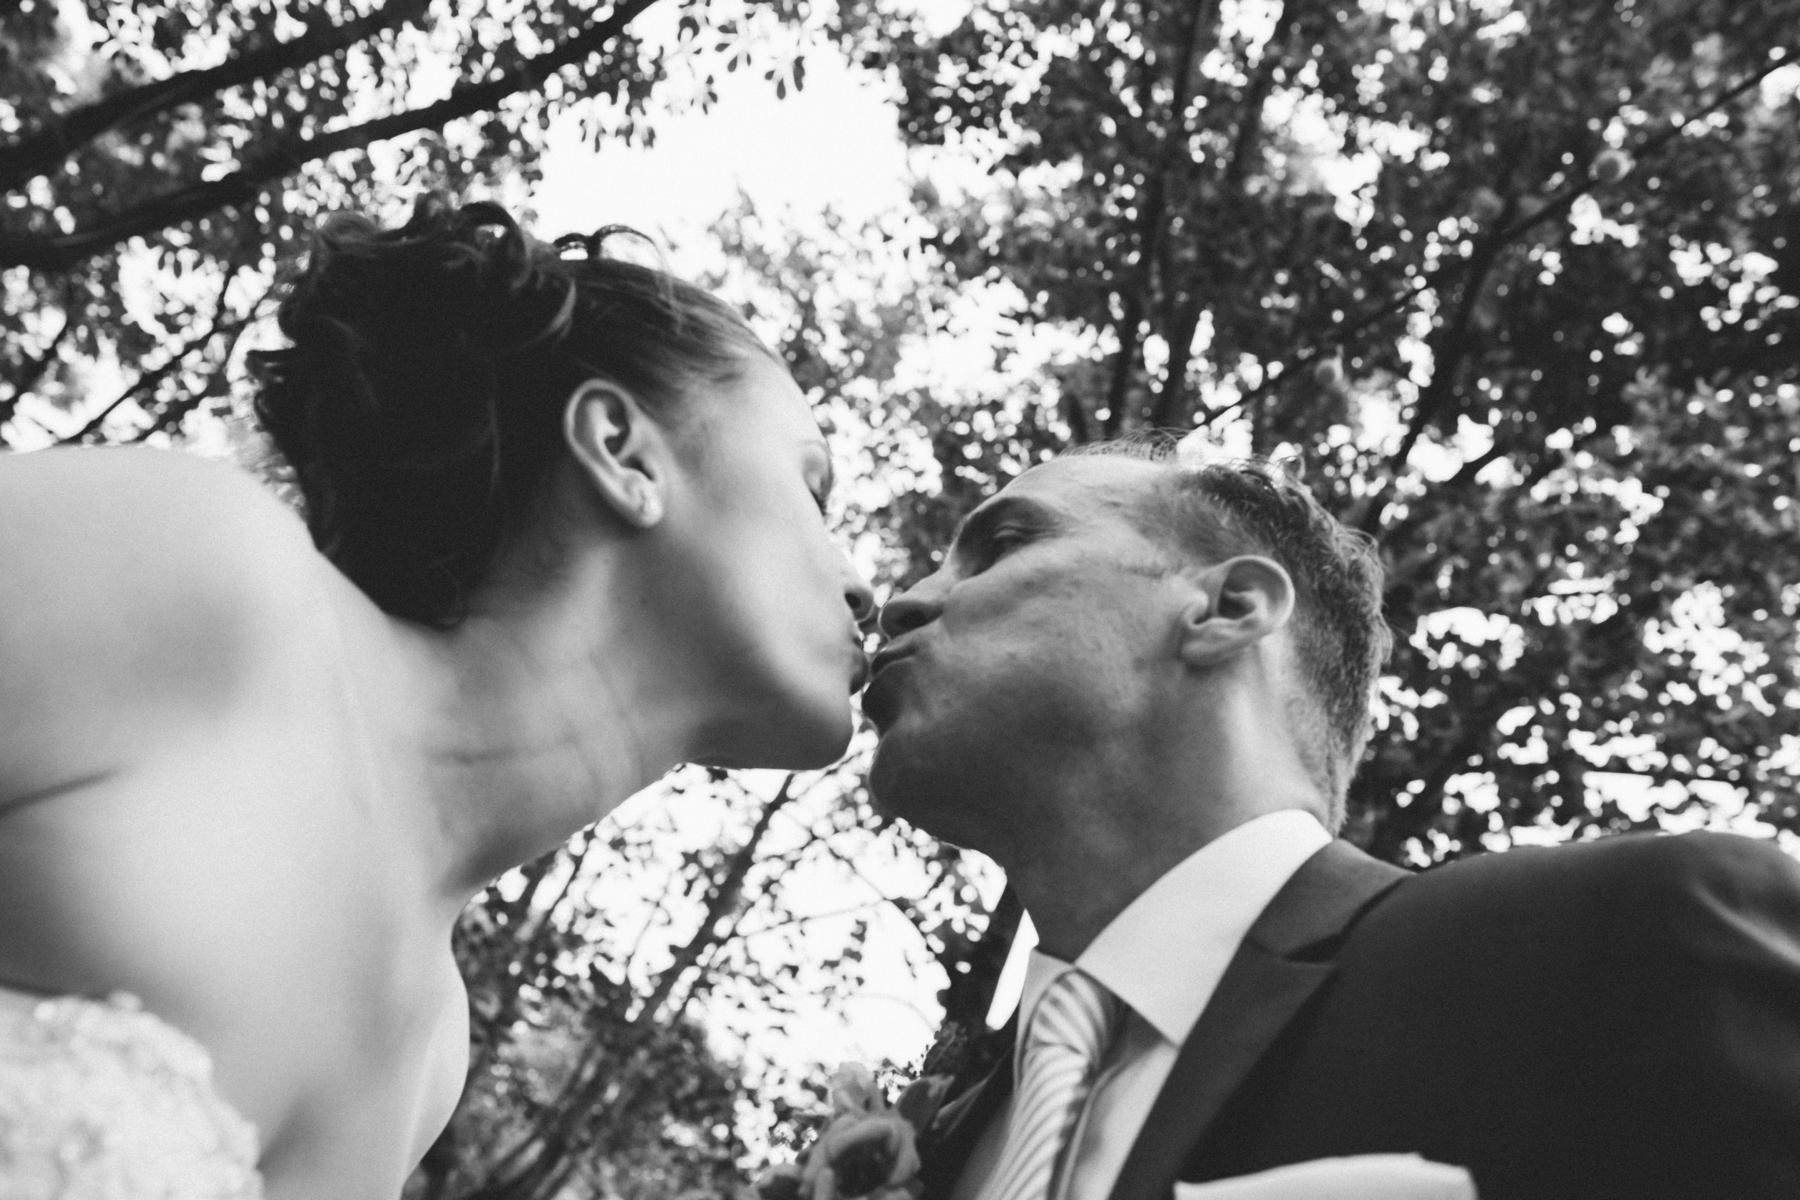 Braut küsst Bräutigam bei Hochzeitsfeier in der Lusie Dahlem in Berlin